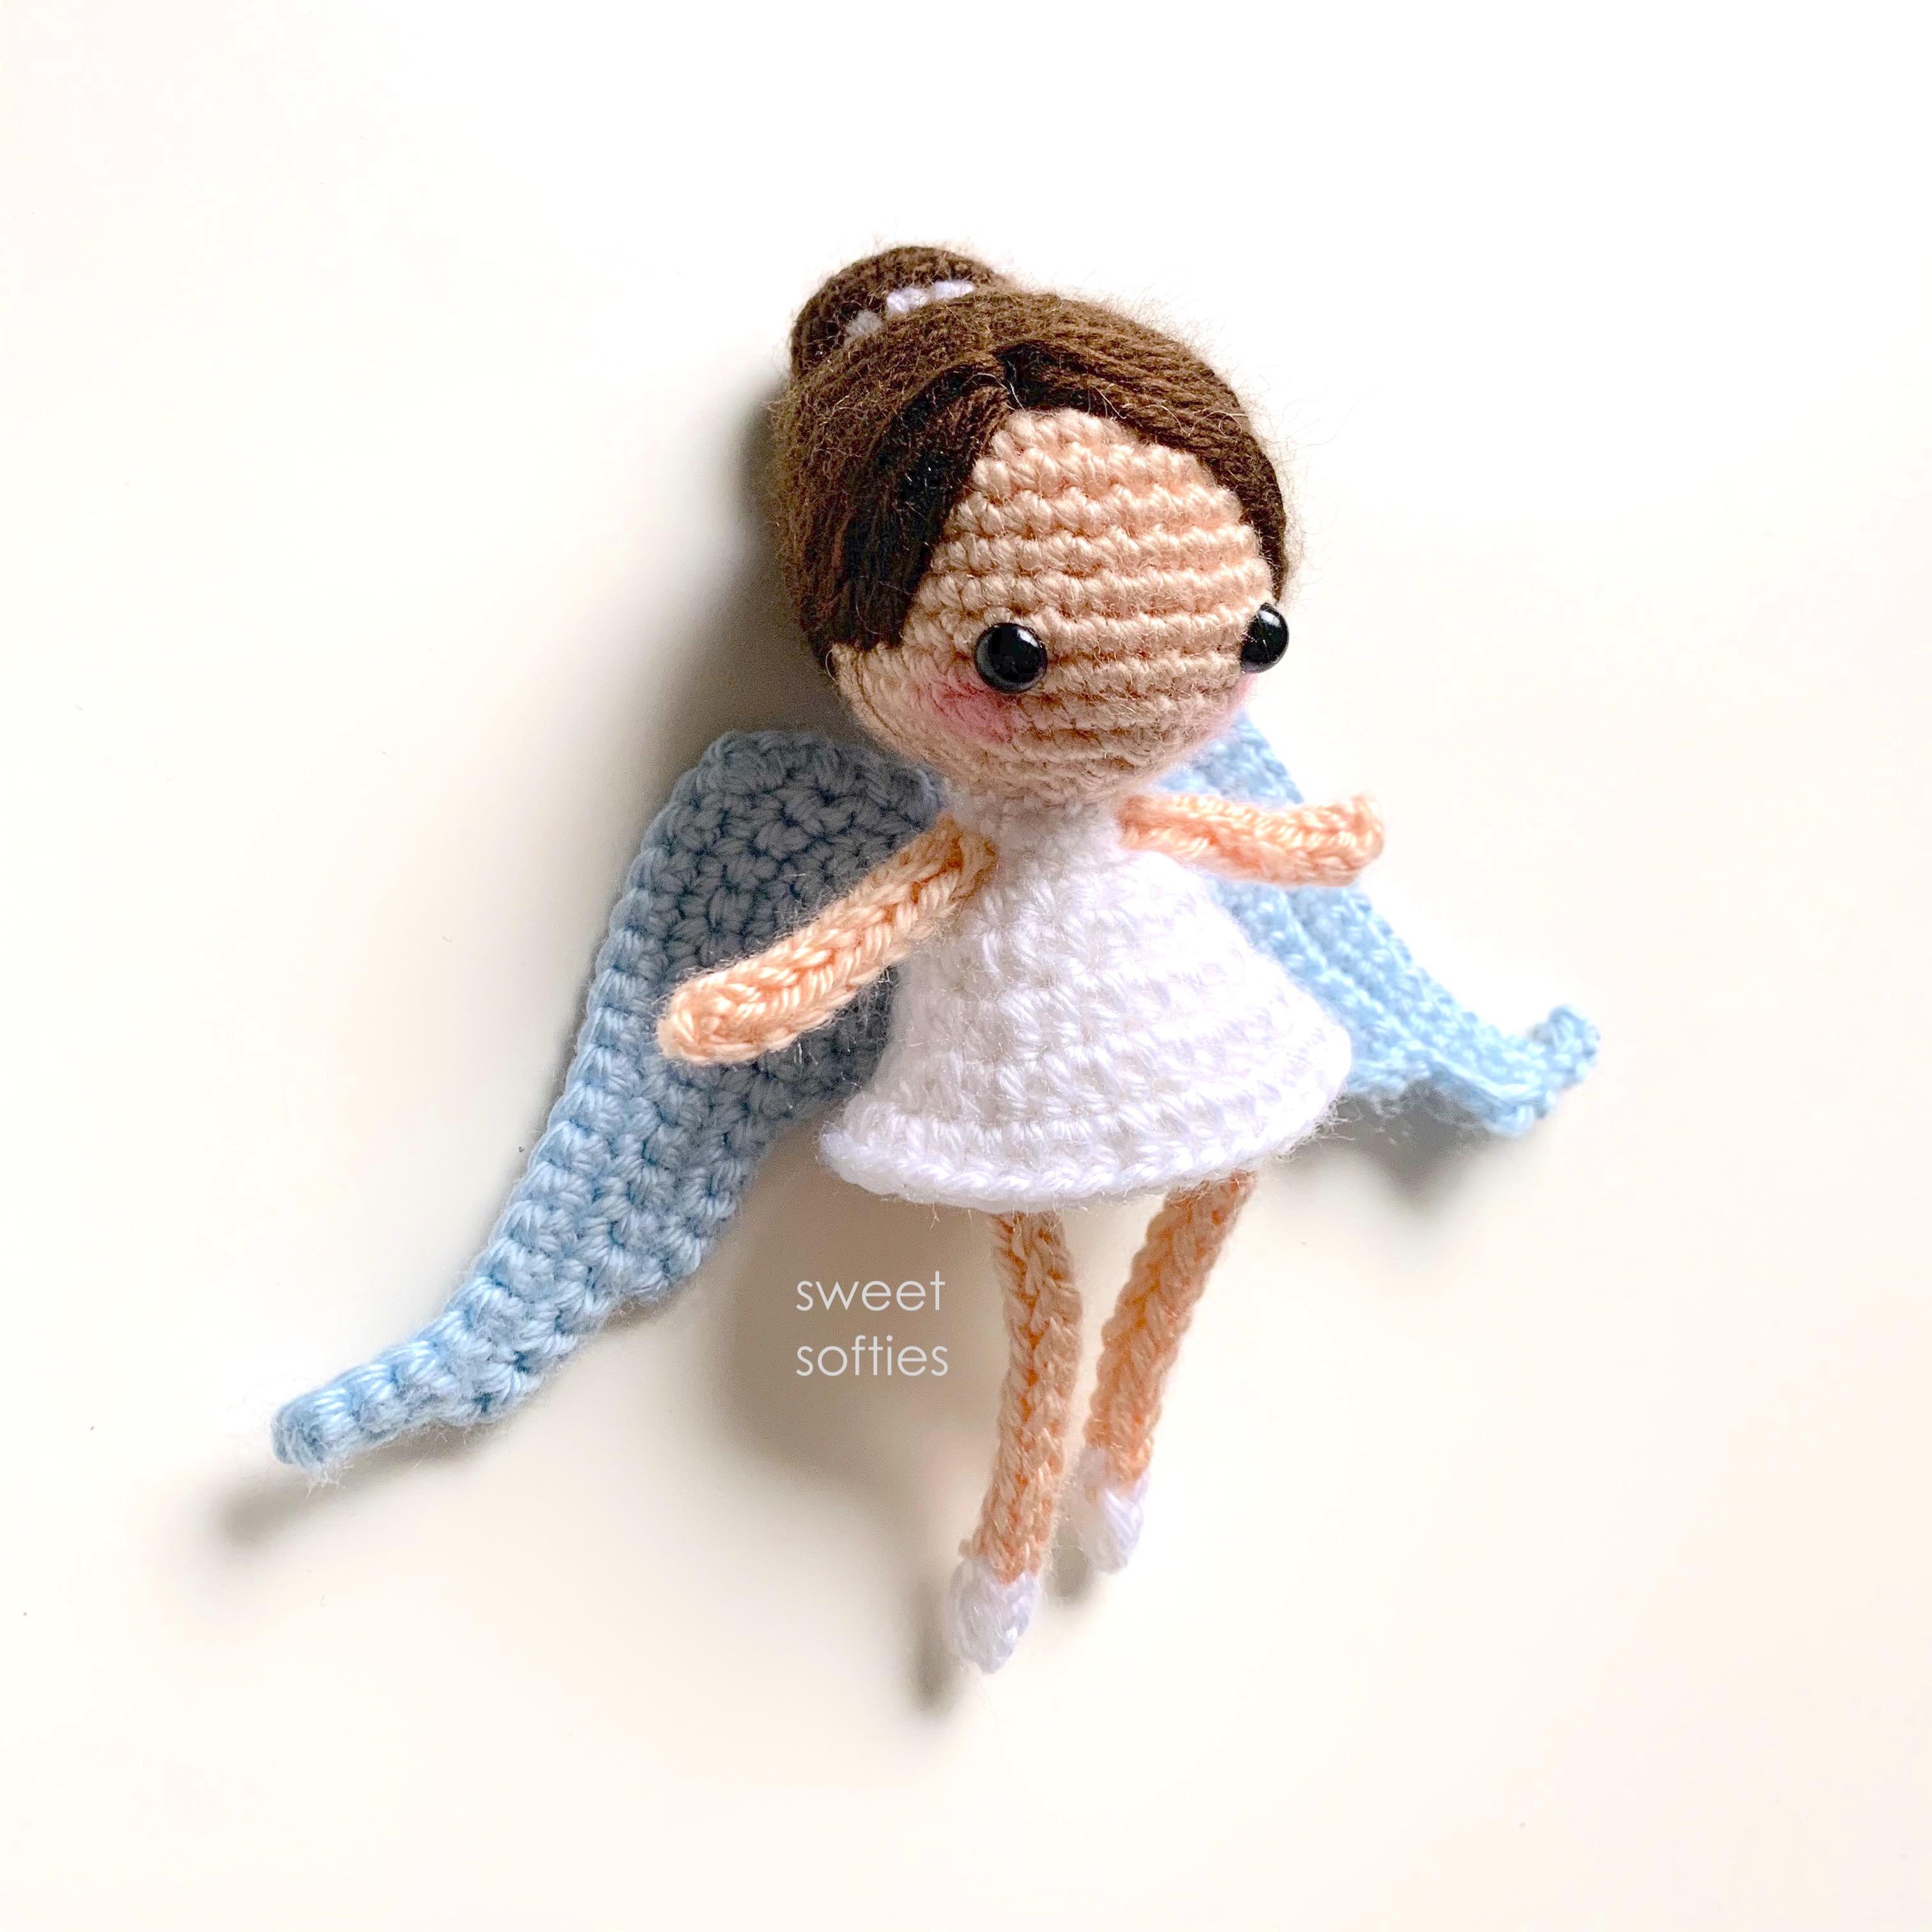 Angel Wings - Learn to Crochet - Crochet Kingdom | 3024x3024